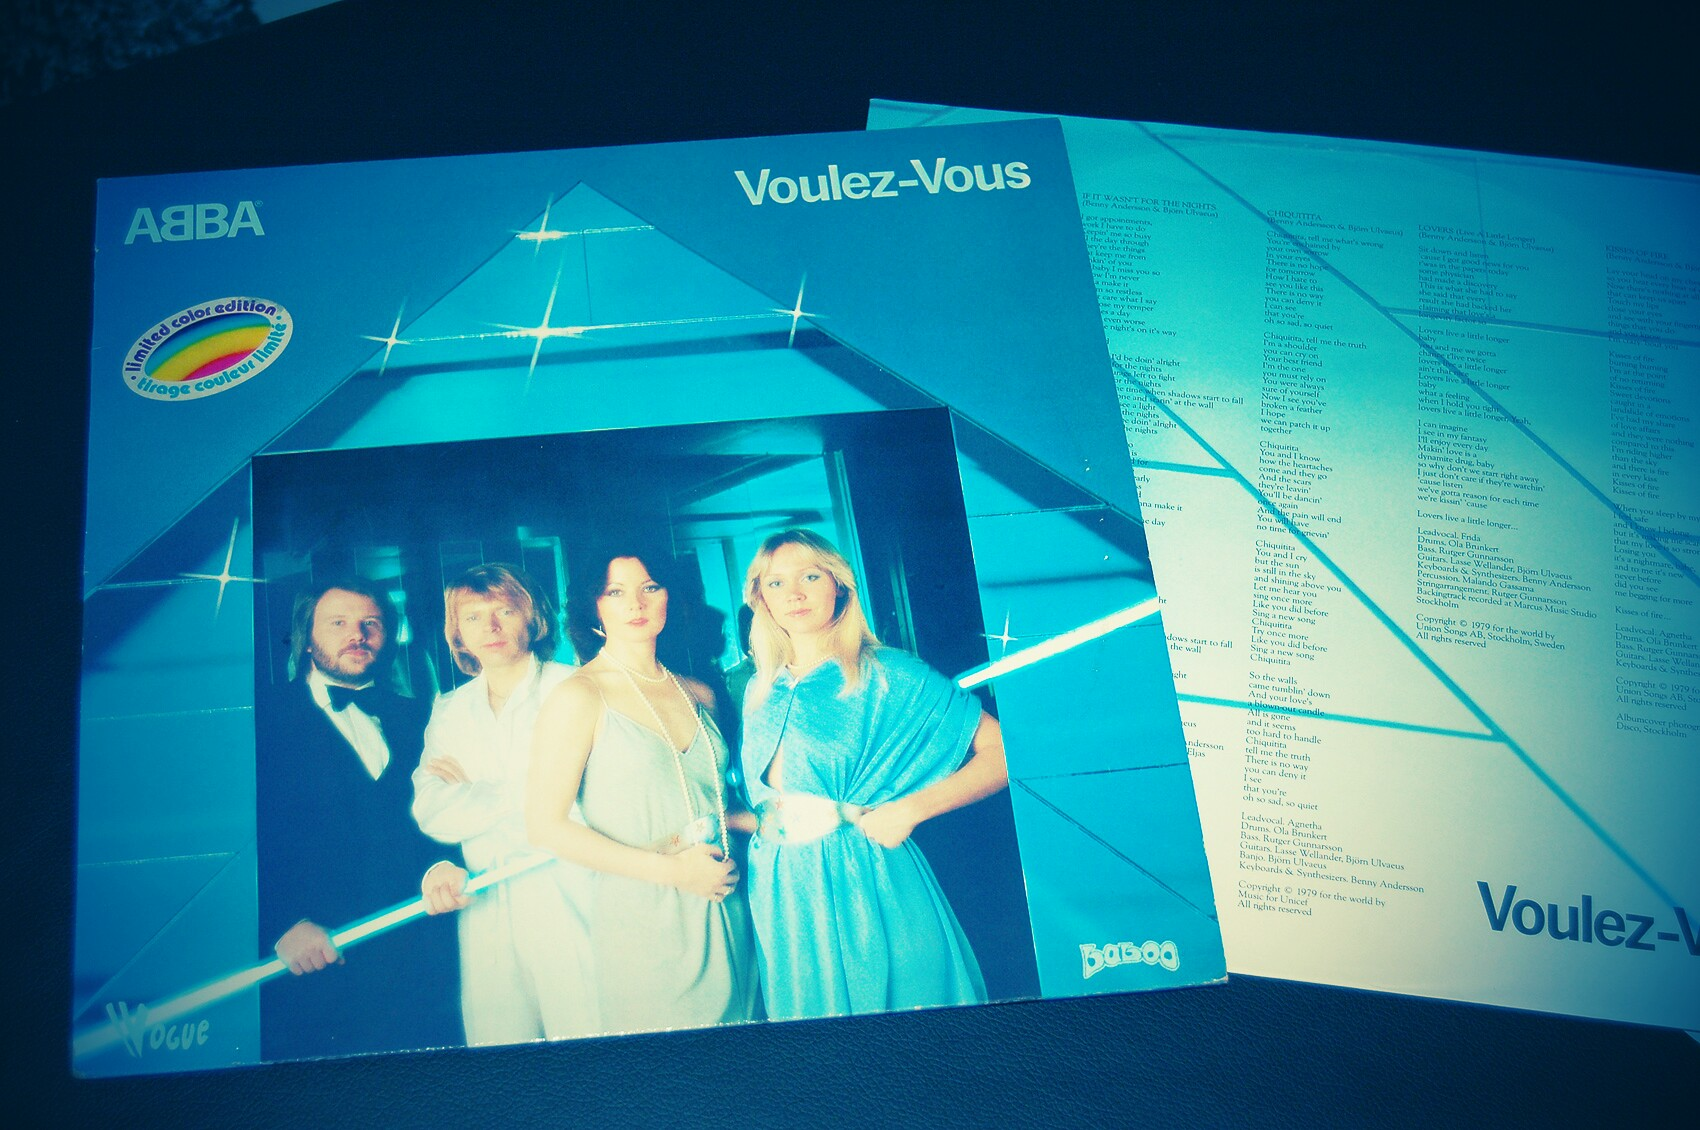 Pochette de Abba Voulez Vous 1979 Vinyl LP - Limited Color Edition